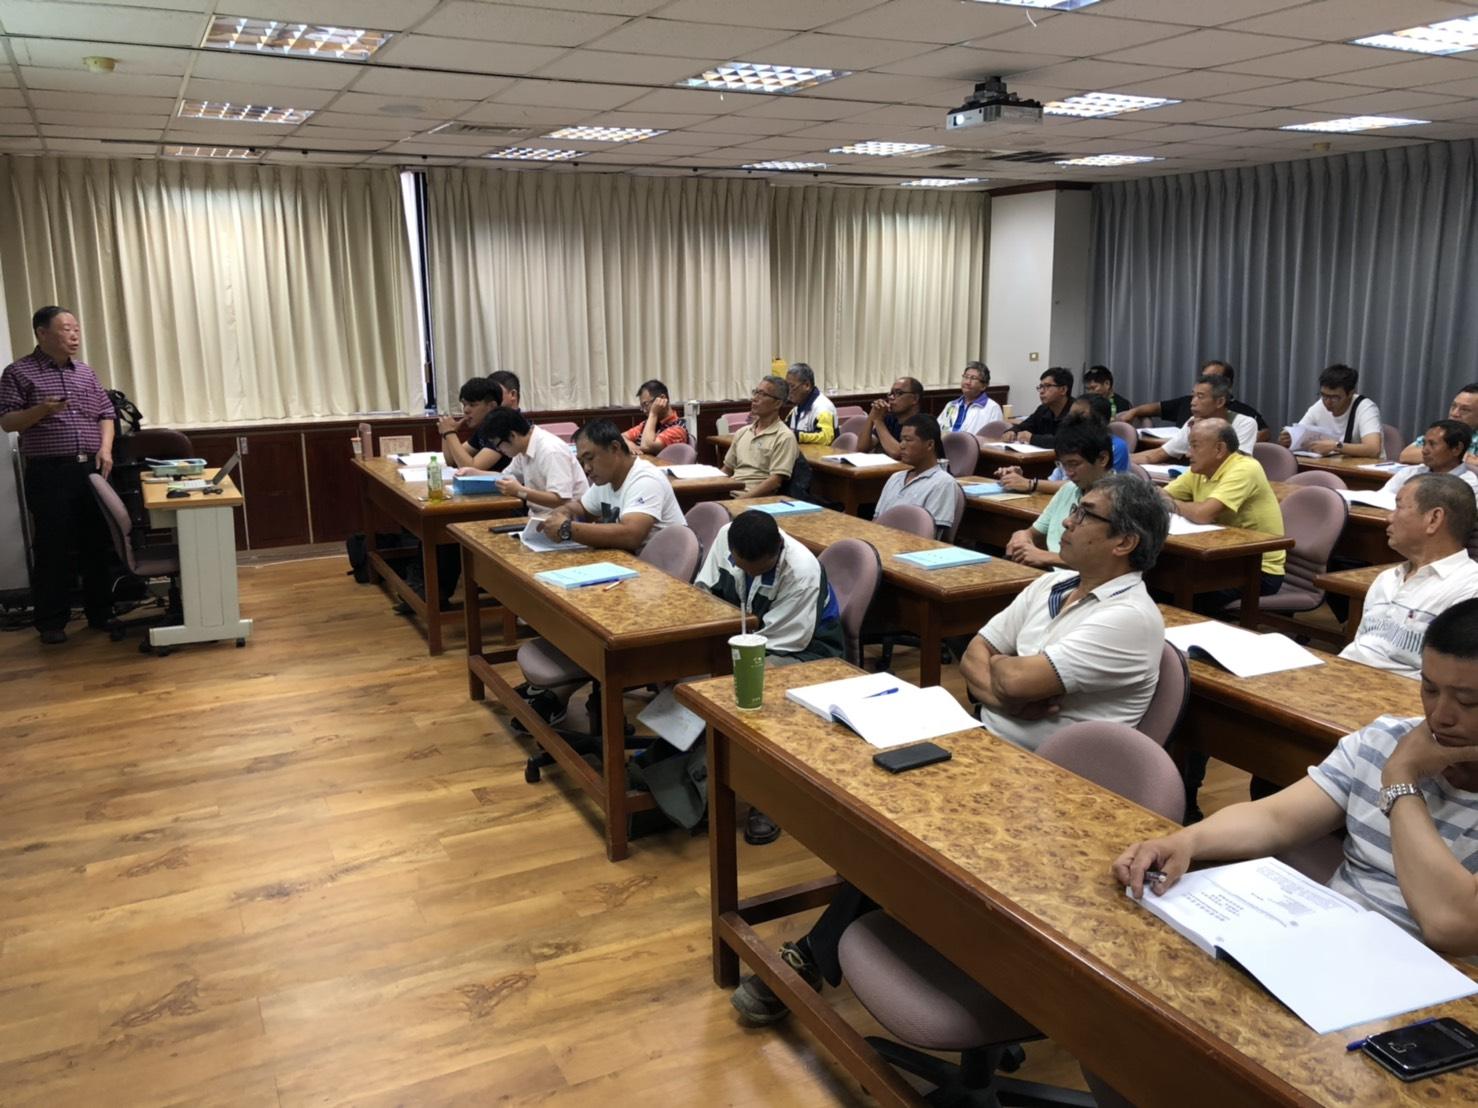 電力工程行業技術人員培訓課程-高雄市